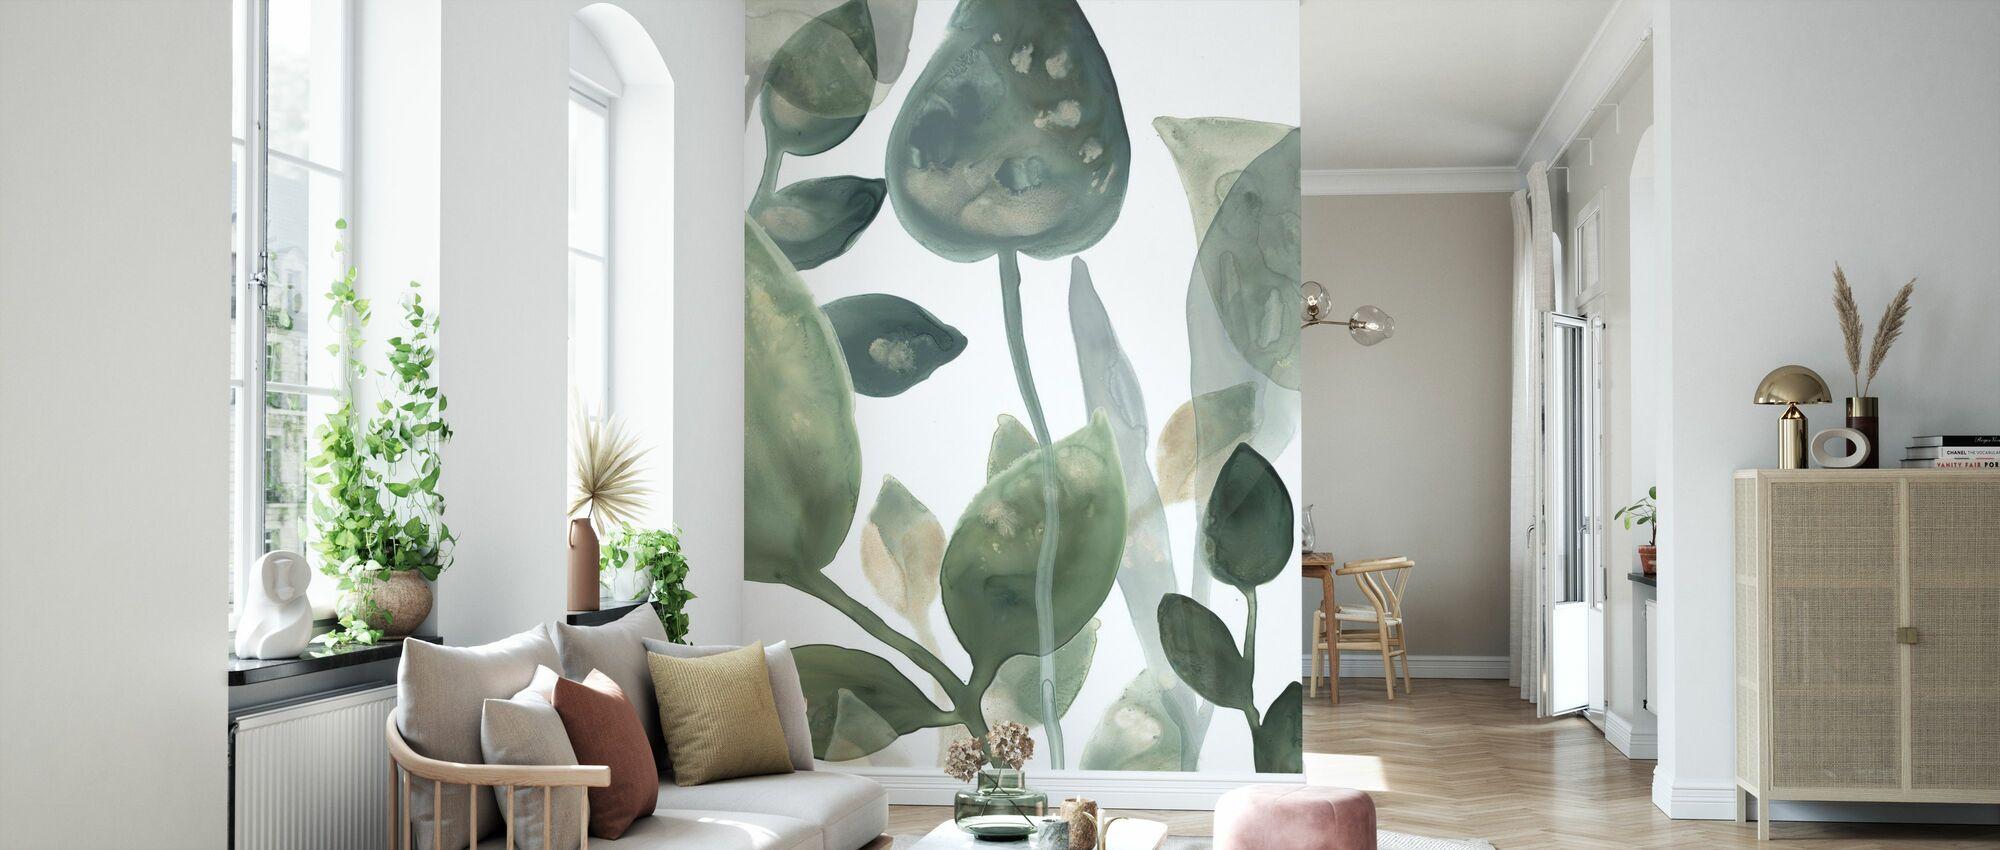 Wasserblätter - Tapete - Wohnzimmer